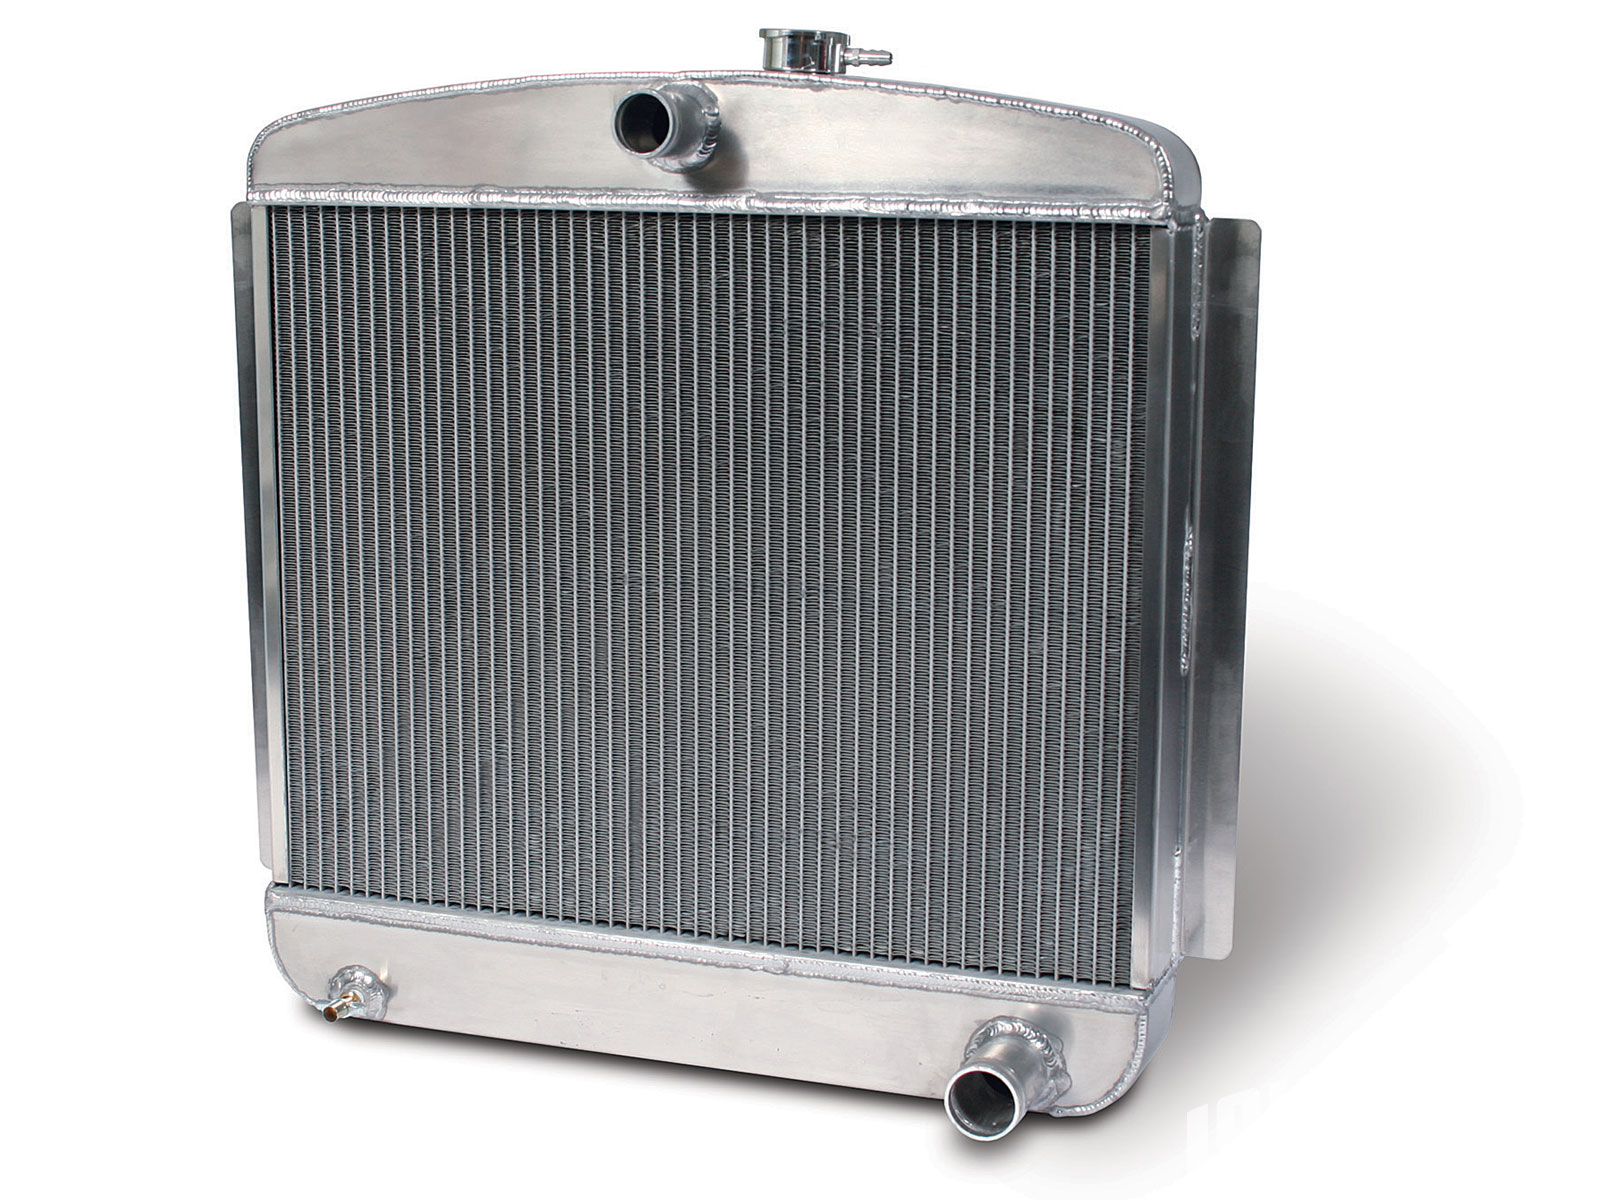 выбрать фотографии фото автомобильных радиаторов далее